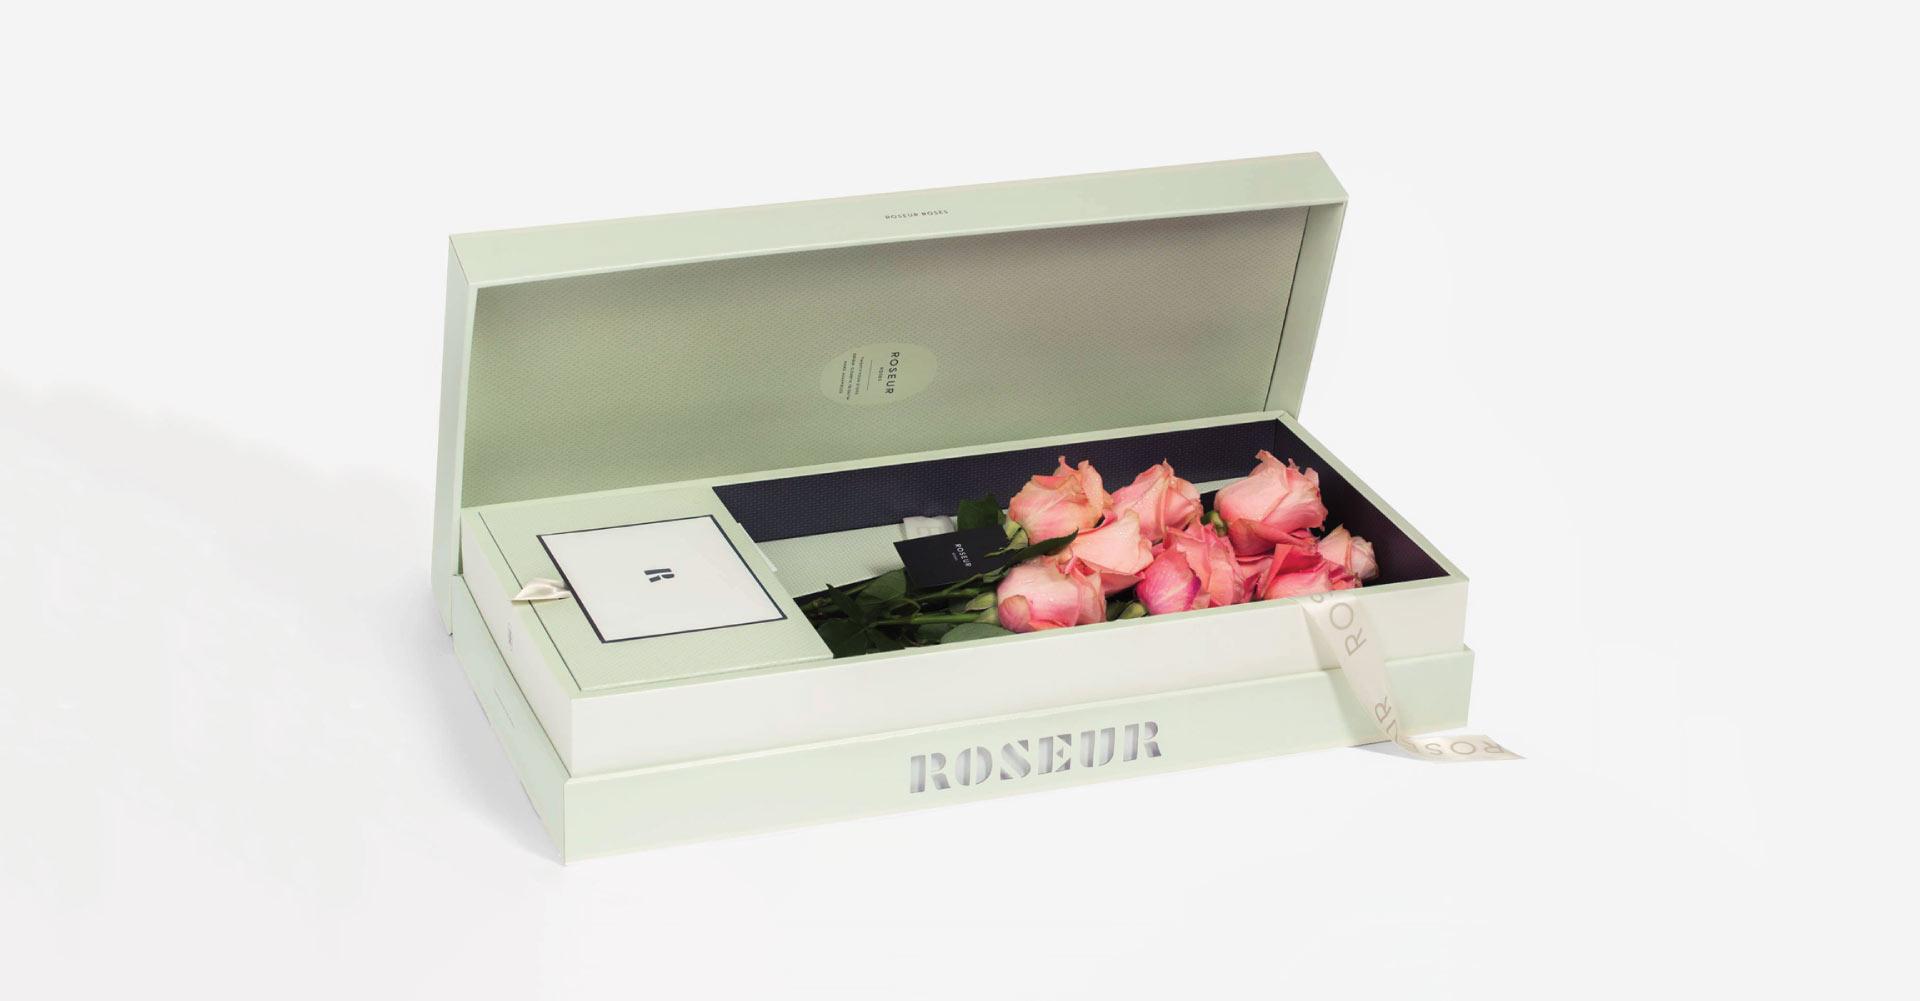 ROSEUR | Luxury Rose Gift Box Program